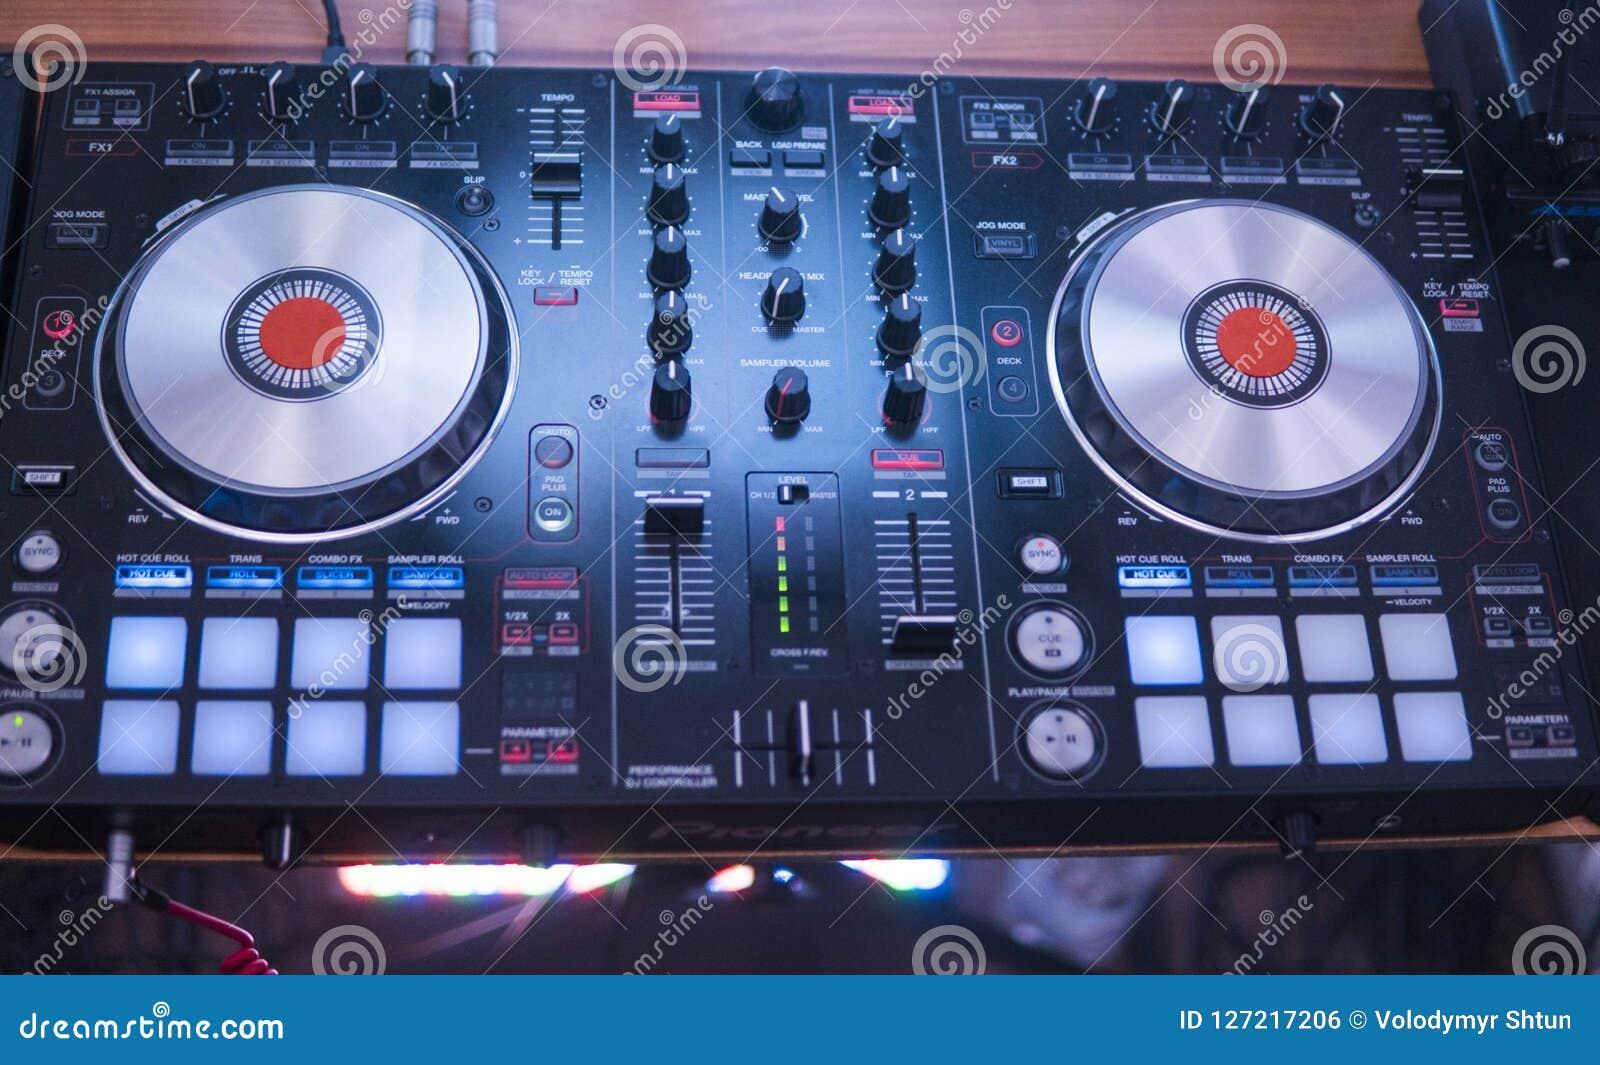 Παιχνίδια του DJ και μουσική μιγμάτων στον ψηφιακό ελεγκτή αναμικτών Ελεγκτής απόδοσης του DJ κινηματογραφήσεων σε πρώτο πλάνο, ψ